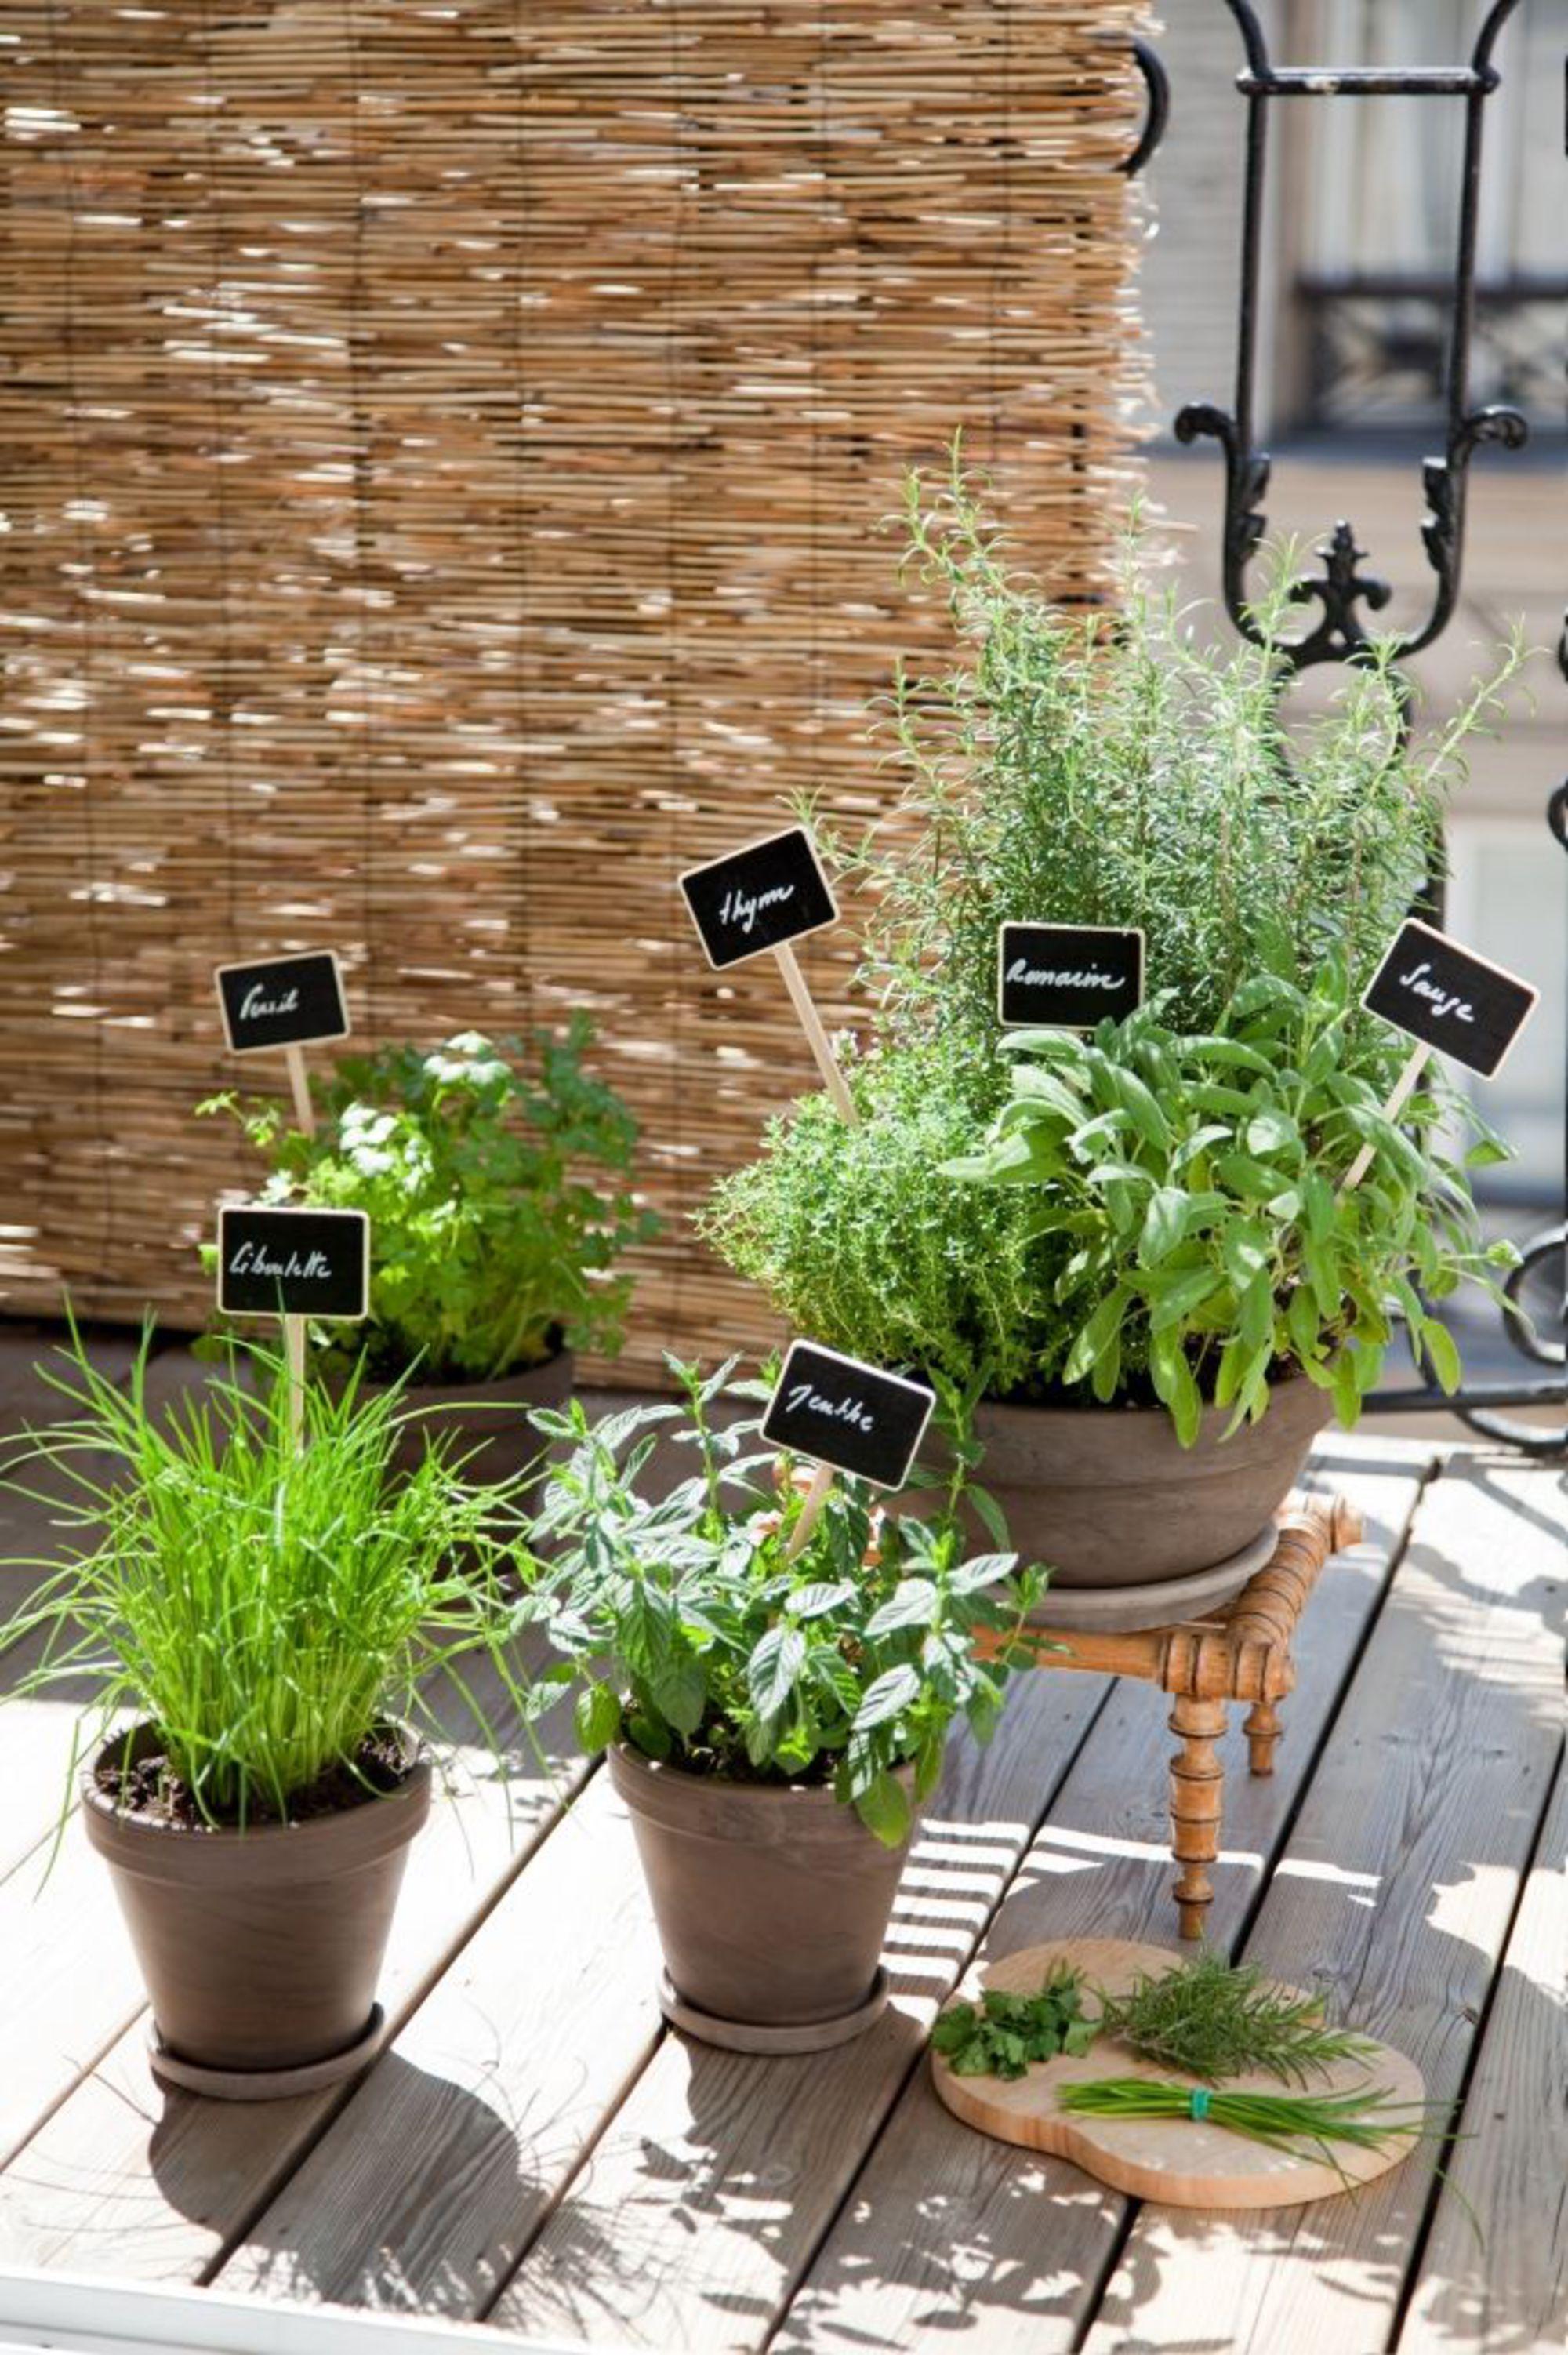 19+ Faire pousser des plantes aromatiques dans sa cuisine ideas